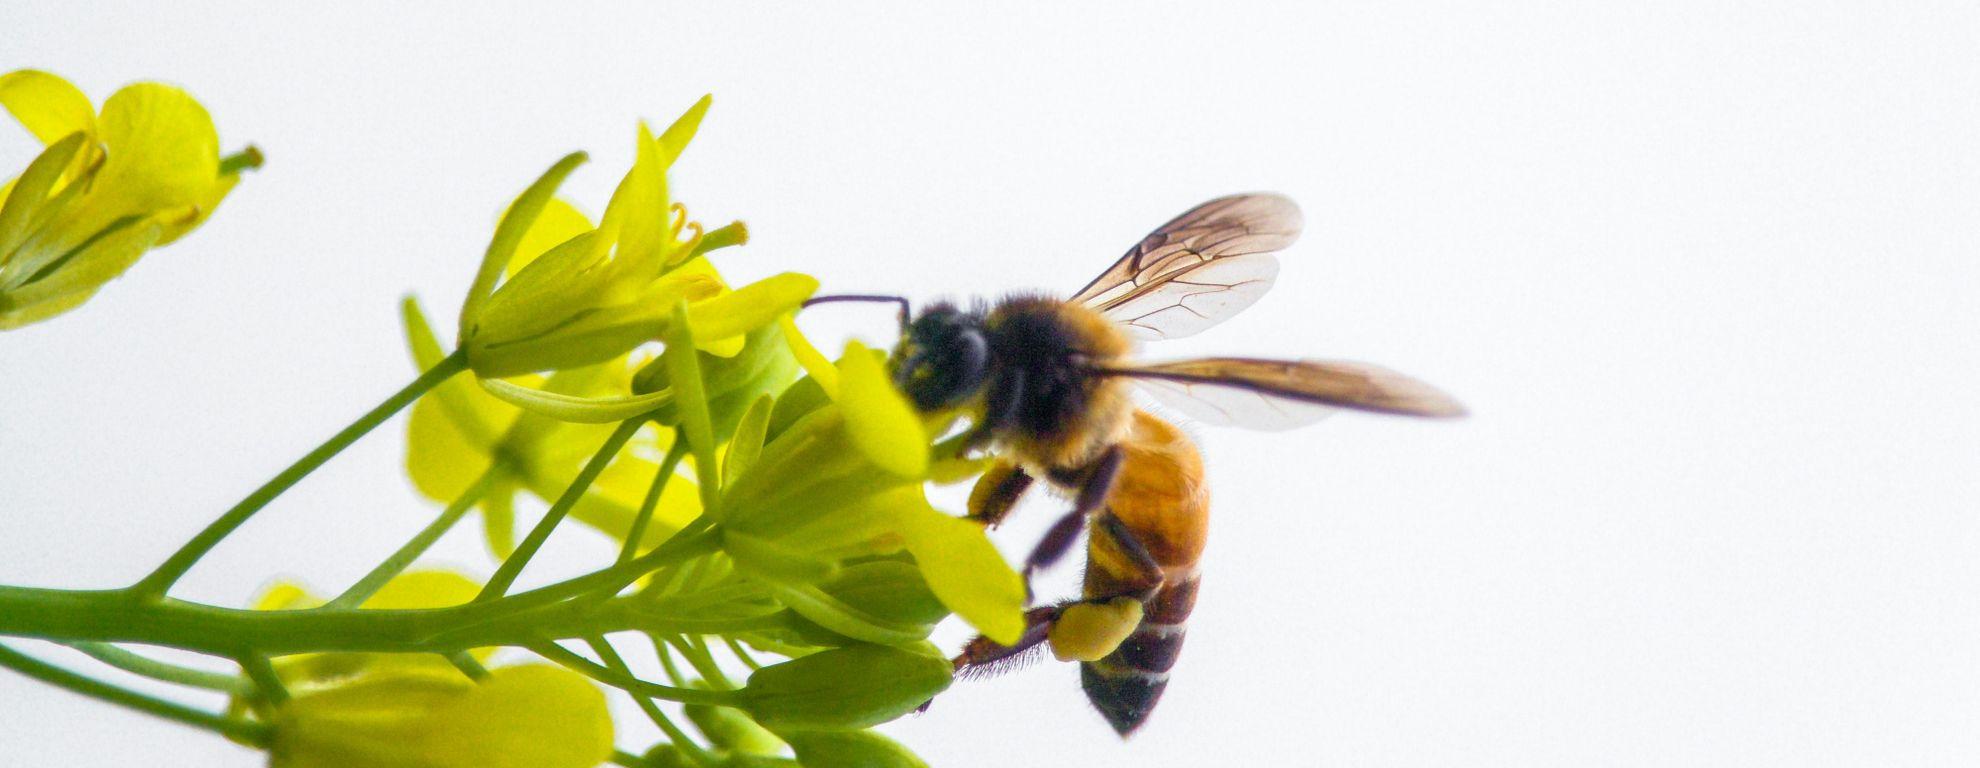 Polen de abeja: qué es, propiedades y beneficios para la salud - Featured image